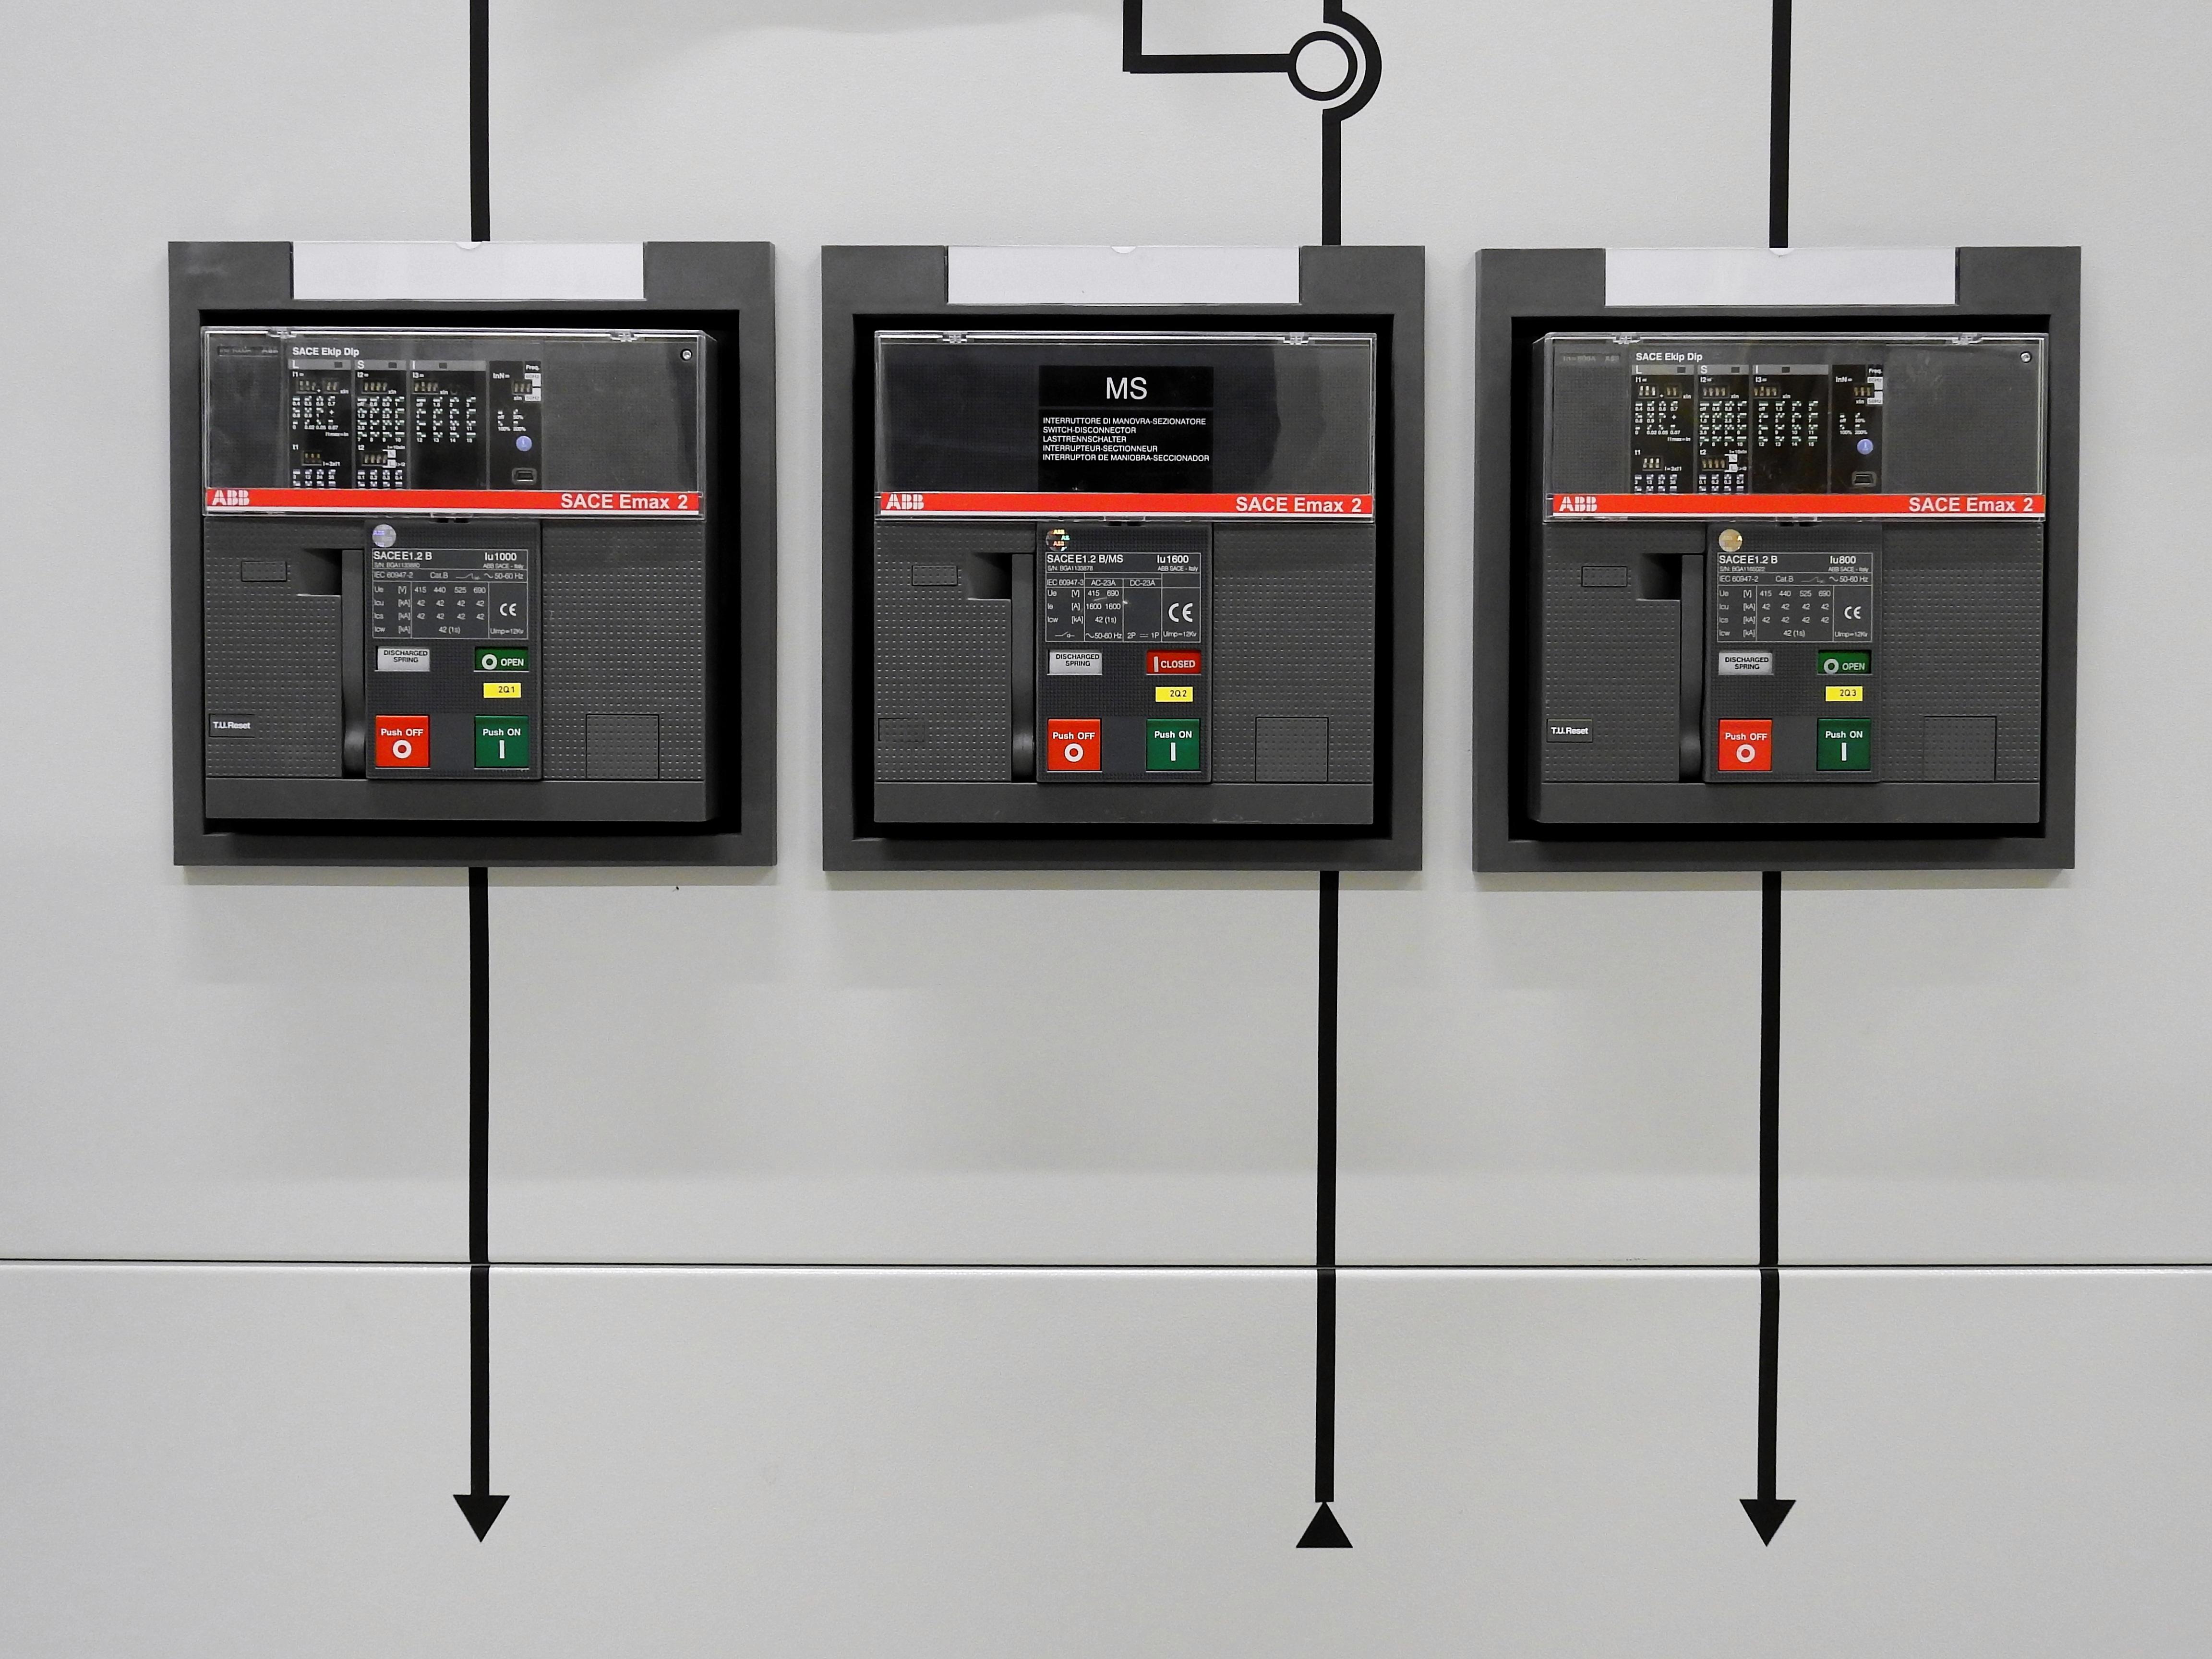 Gratuites La technologie machine métier artisanat